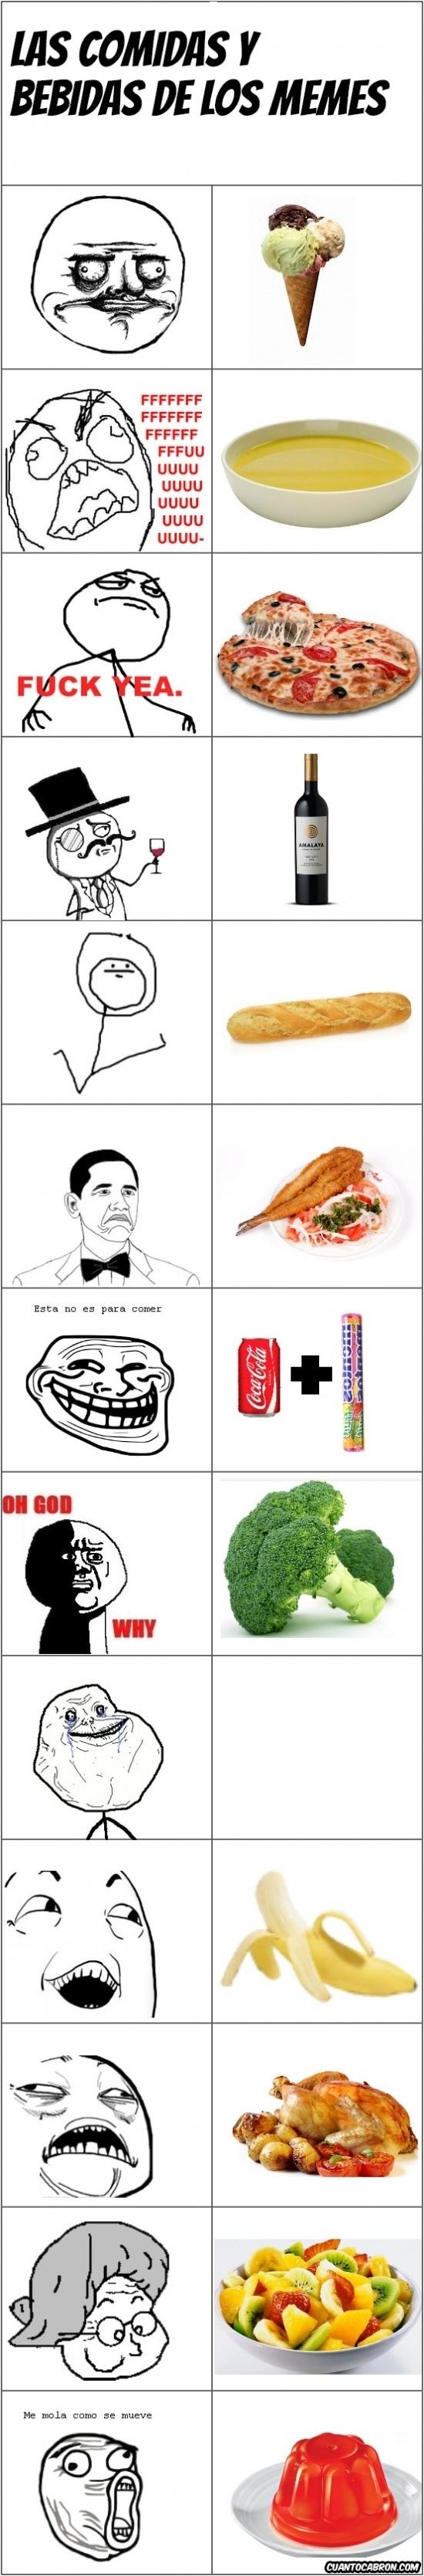 Mix - Las comidas y bebidas favoritas de los memes